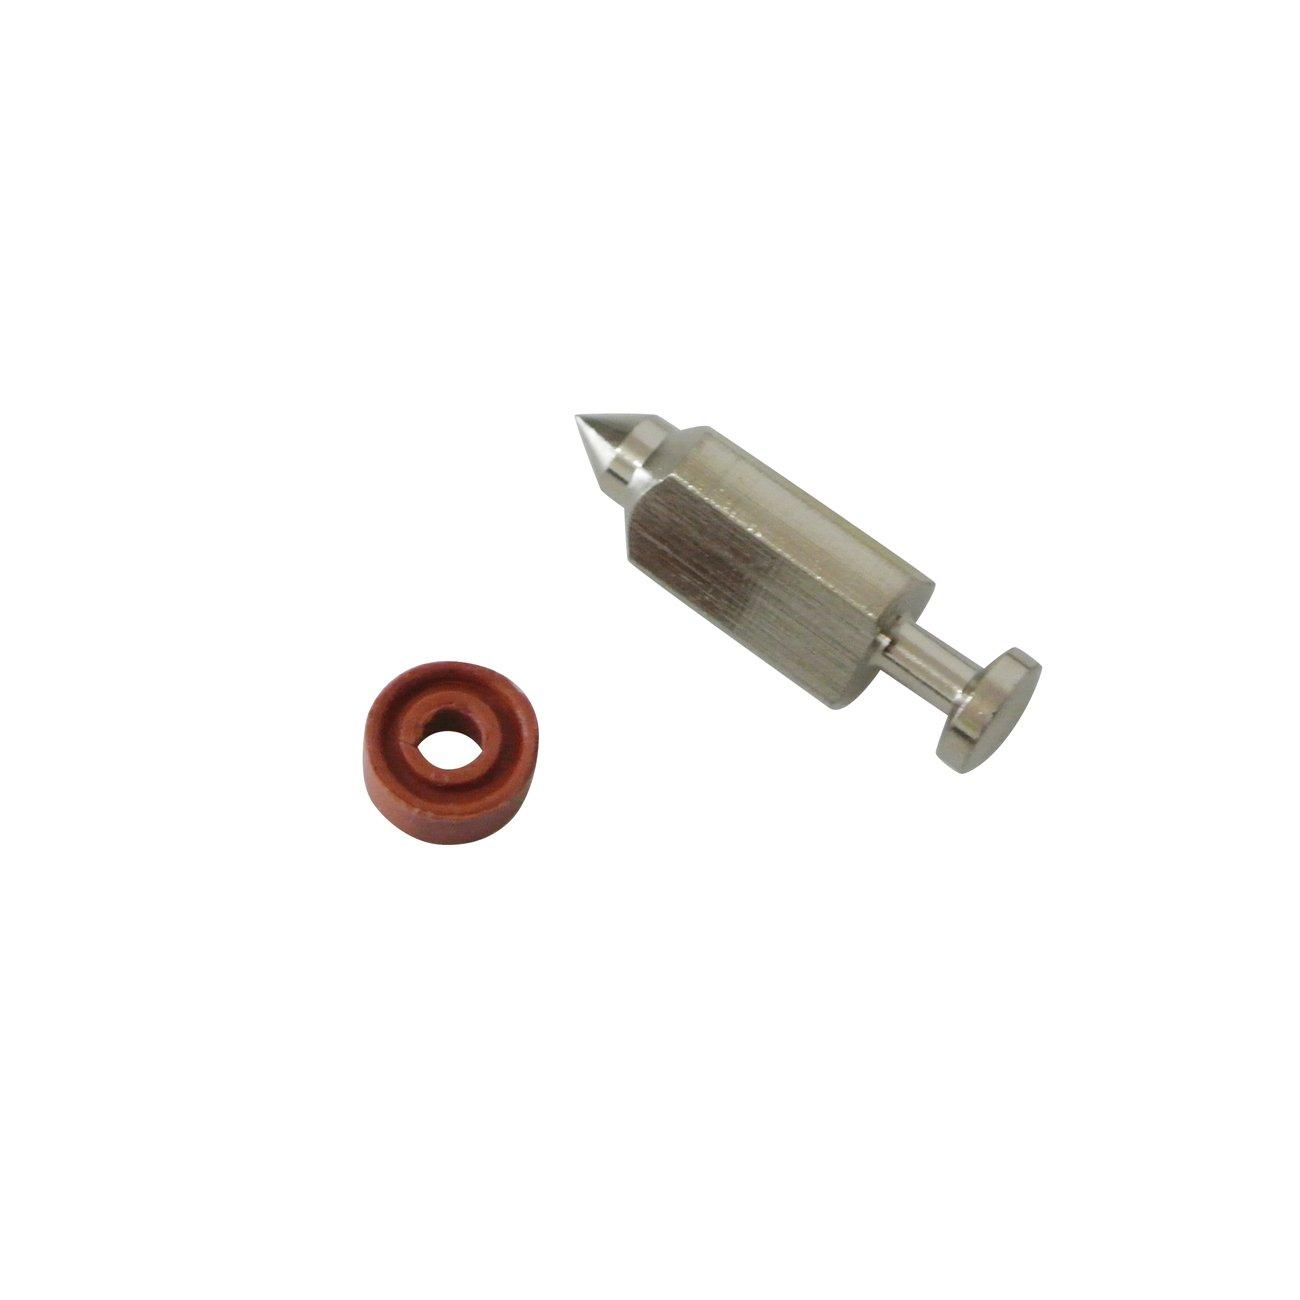 Nuevo carburador flotador válvula de aguja asiento Kit para Briggs & Stratton # 398188 Carb 1pieza: Amazon.es: Jardín